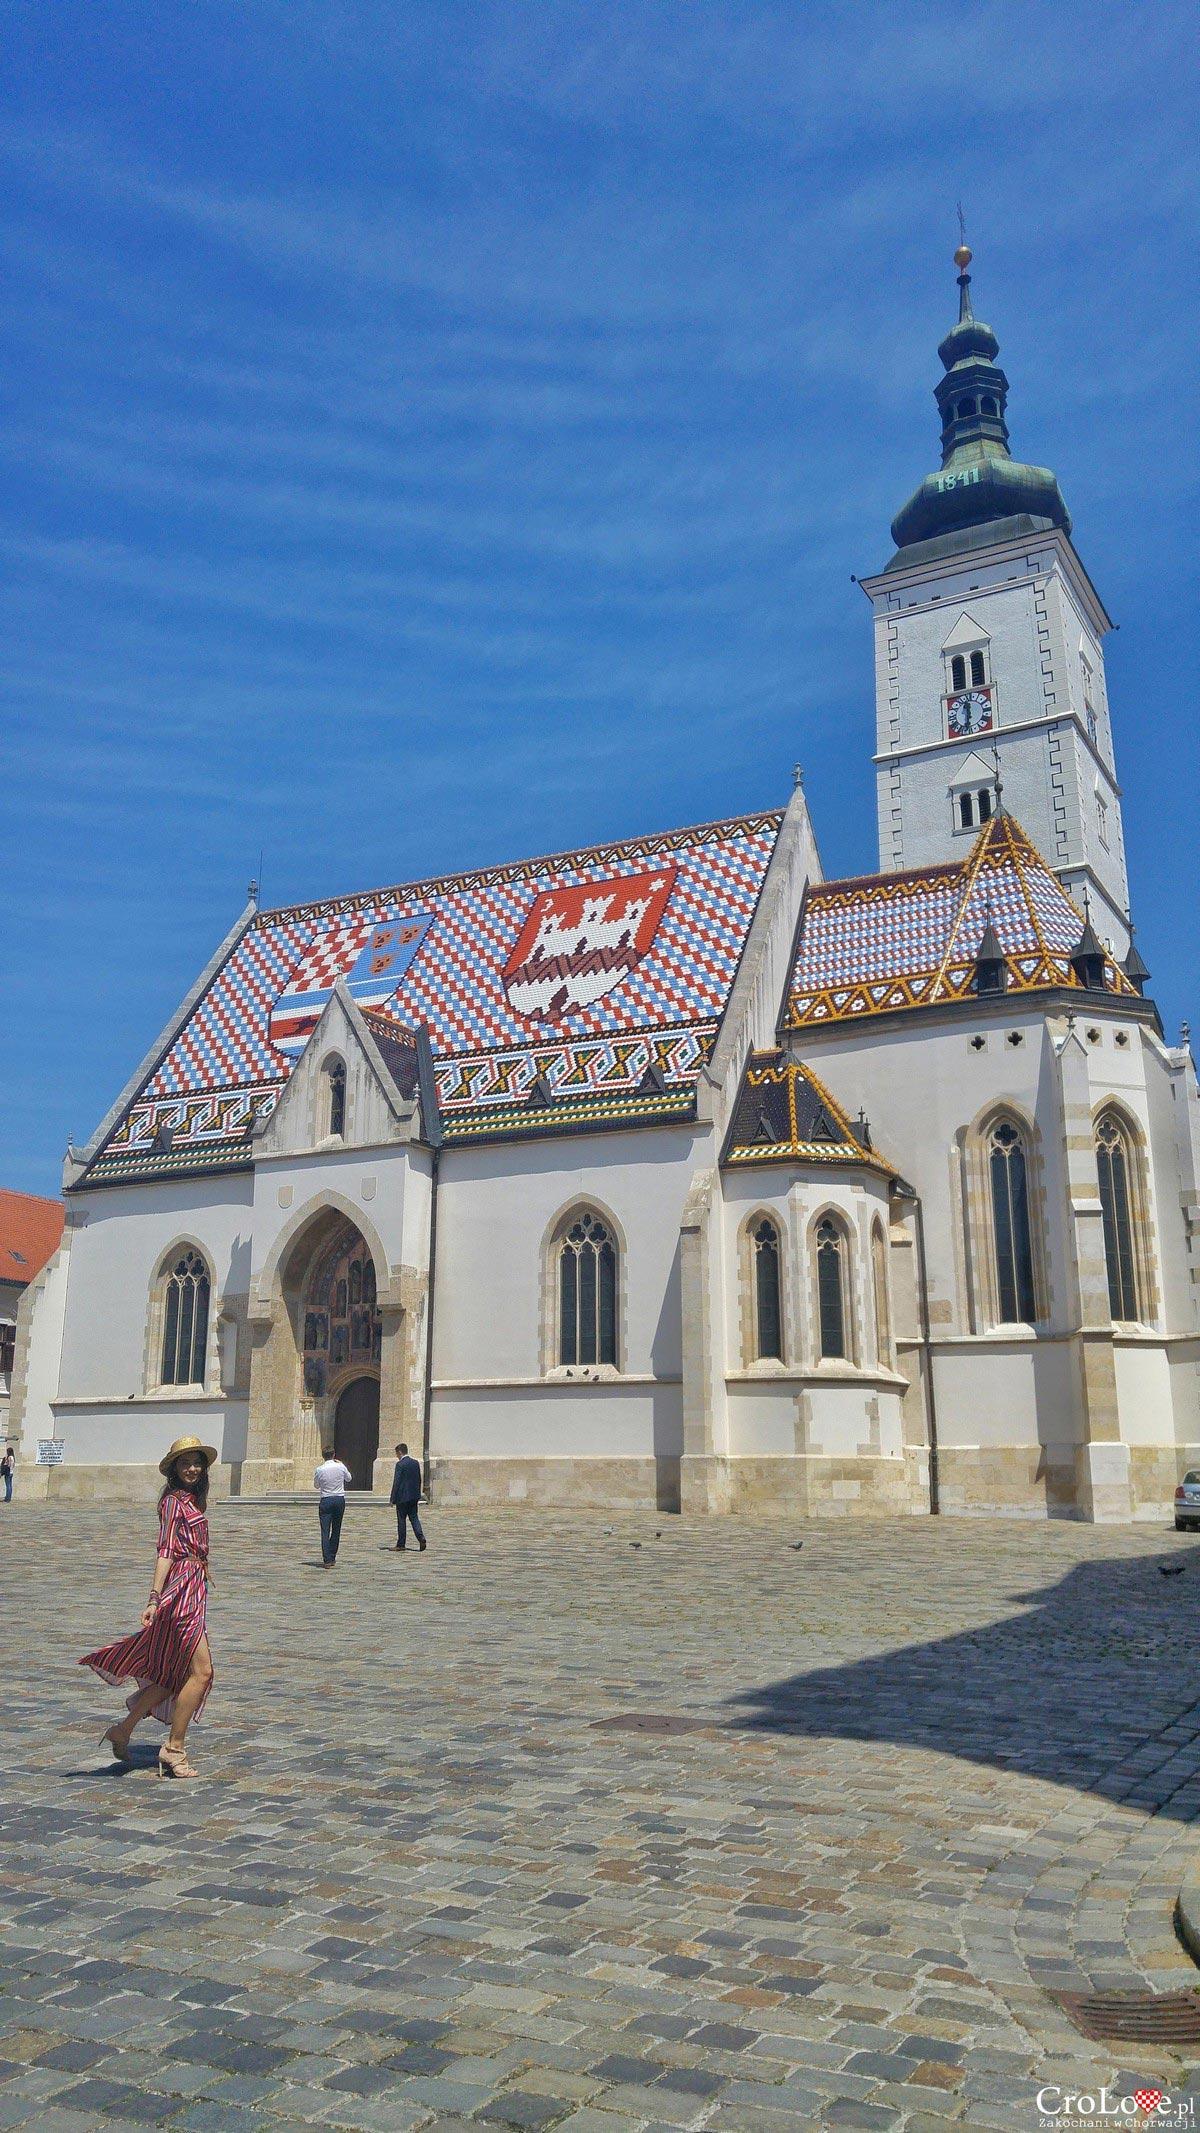 Kościół Świętego Marka w Zagrzebiu